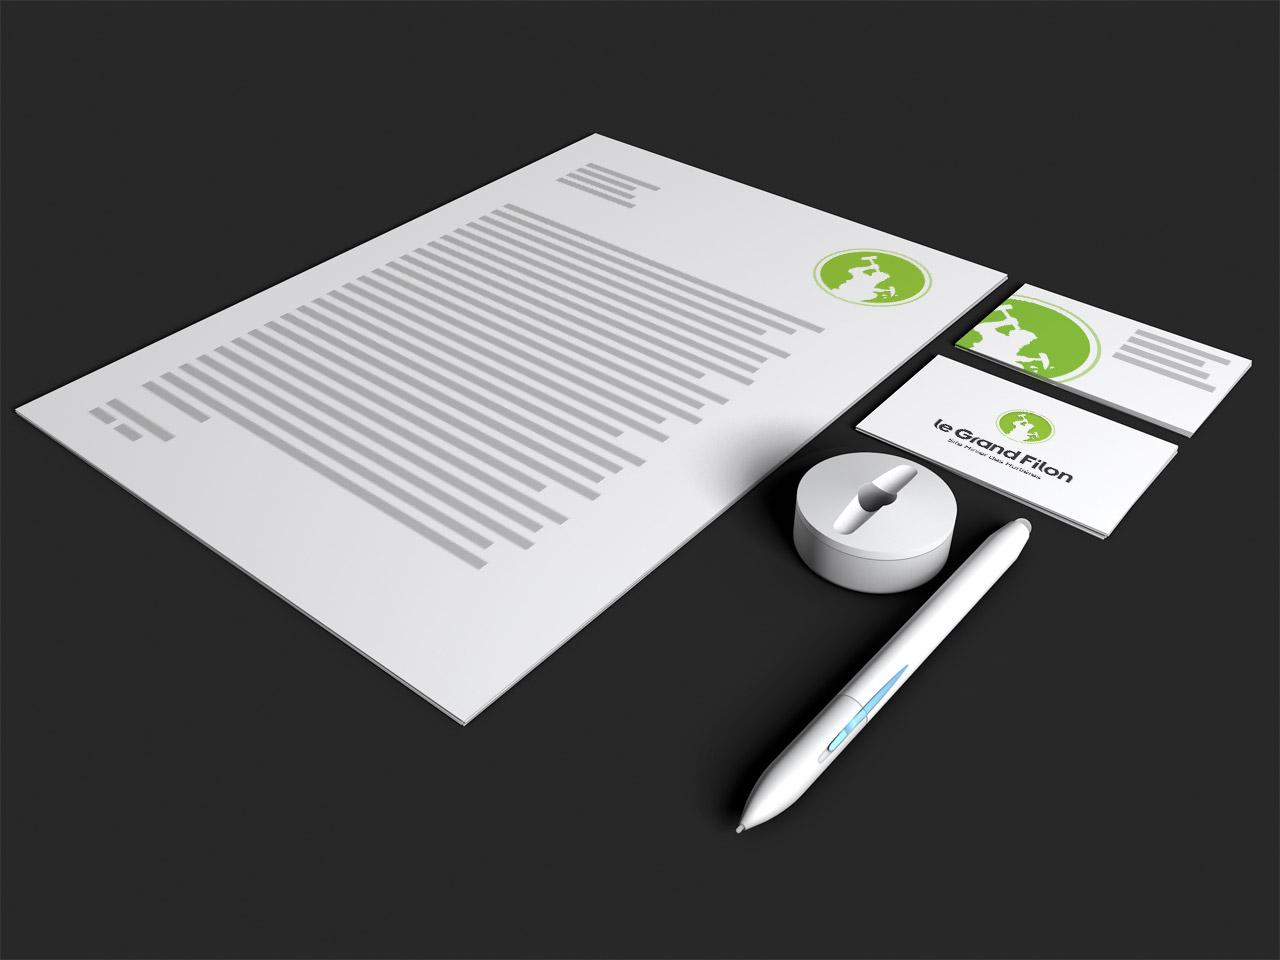 le-grand-filon-logo-charte-graphique-creation-communication-caconcept-alexis-cretin-graphiste